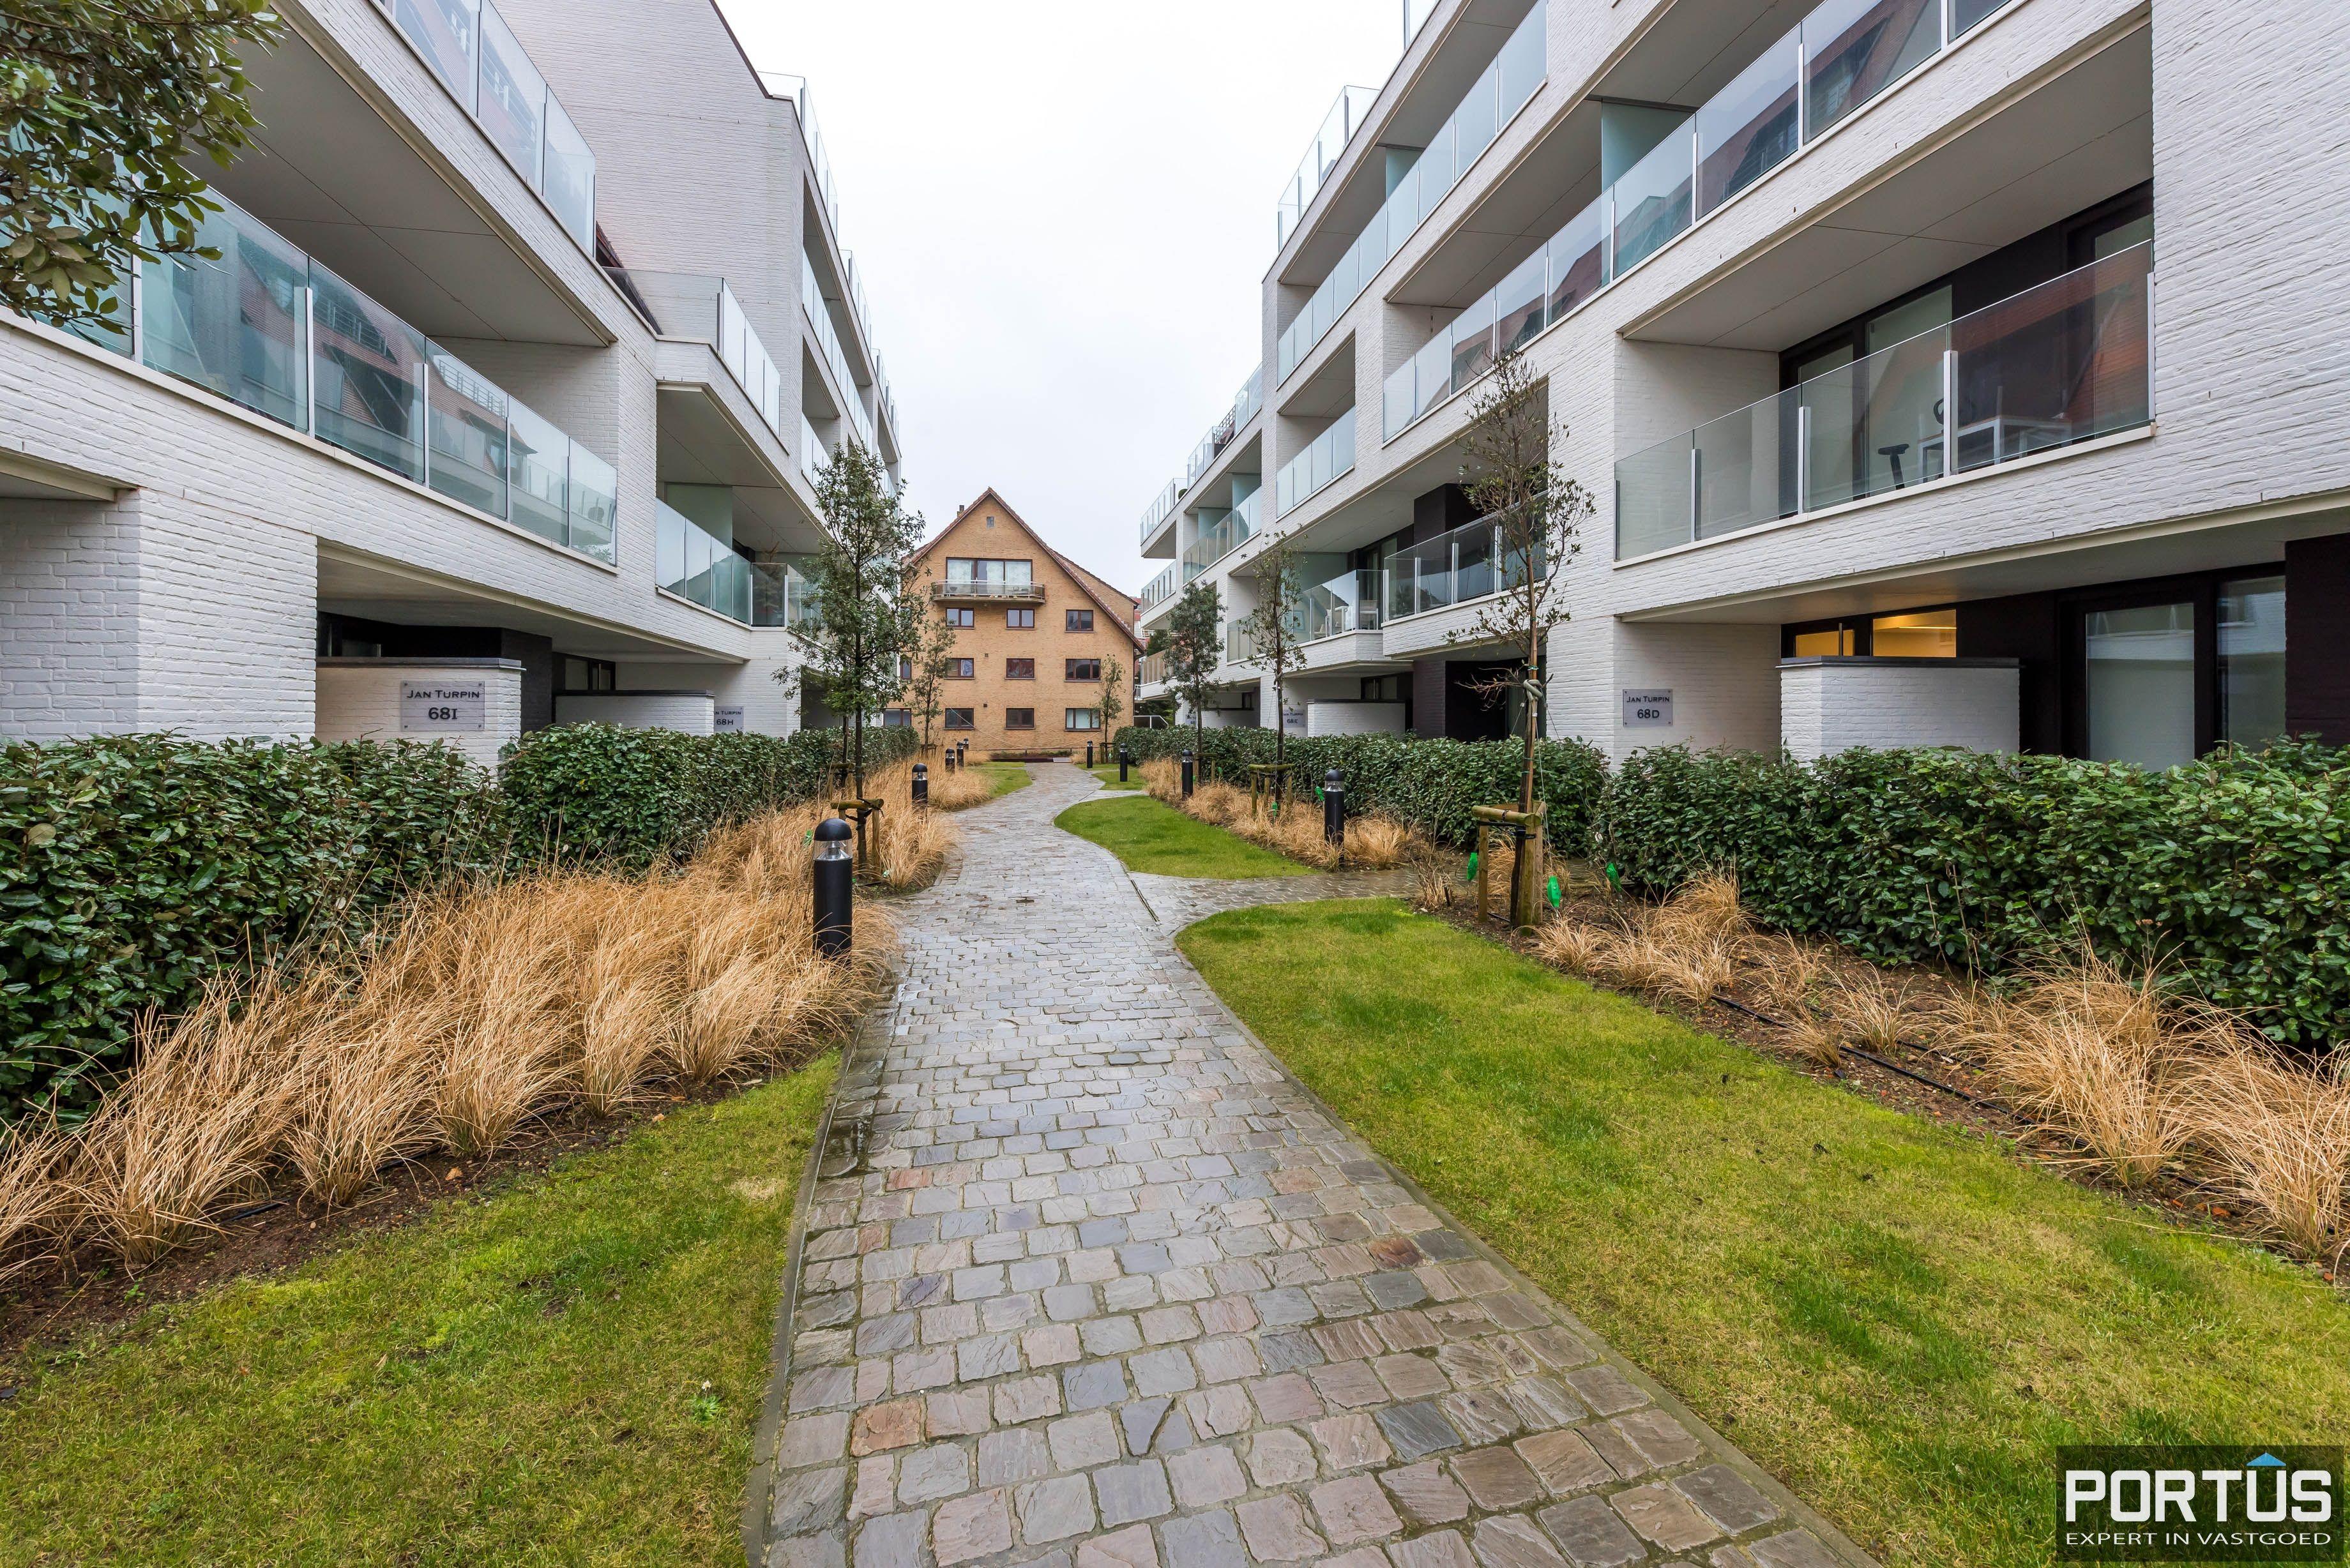 Appartement met 2 slaapkamers te koop Nieuwpoort - 5567